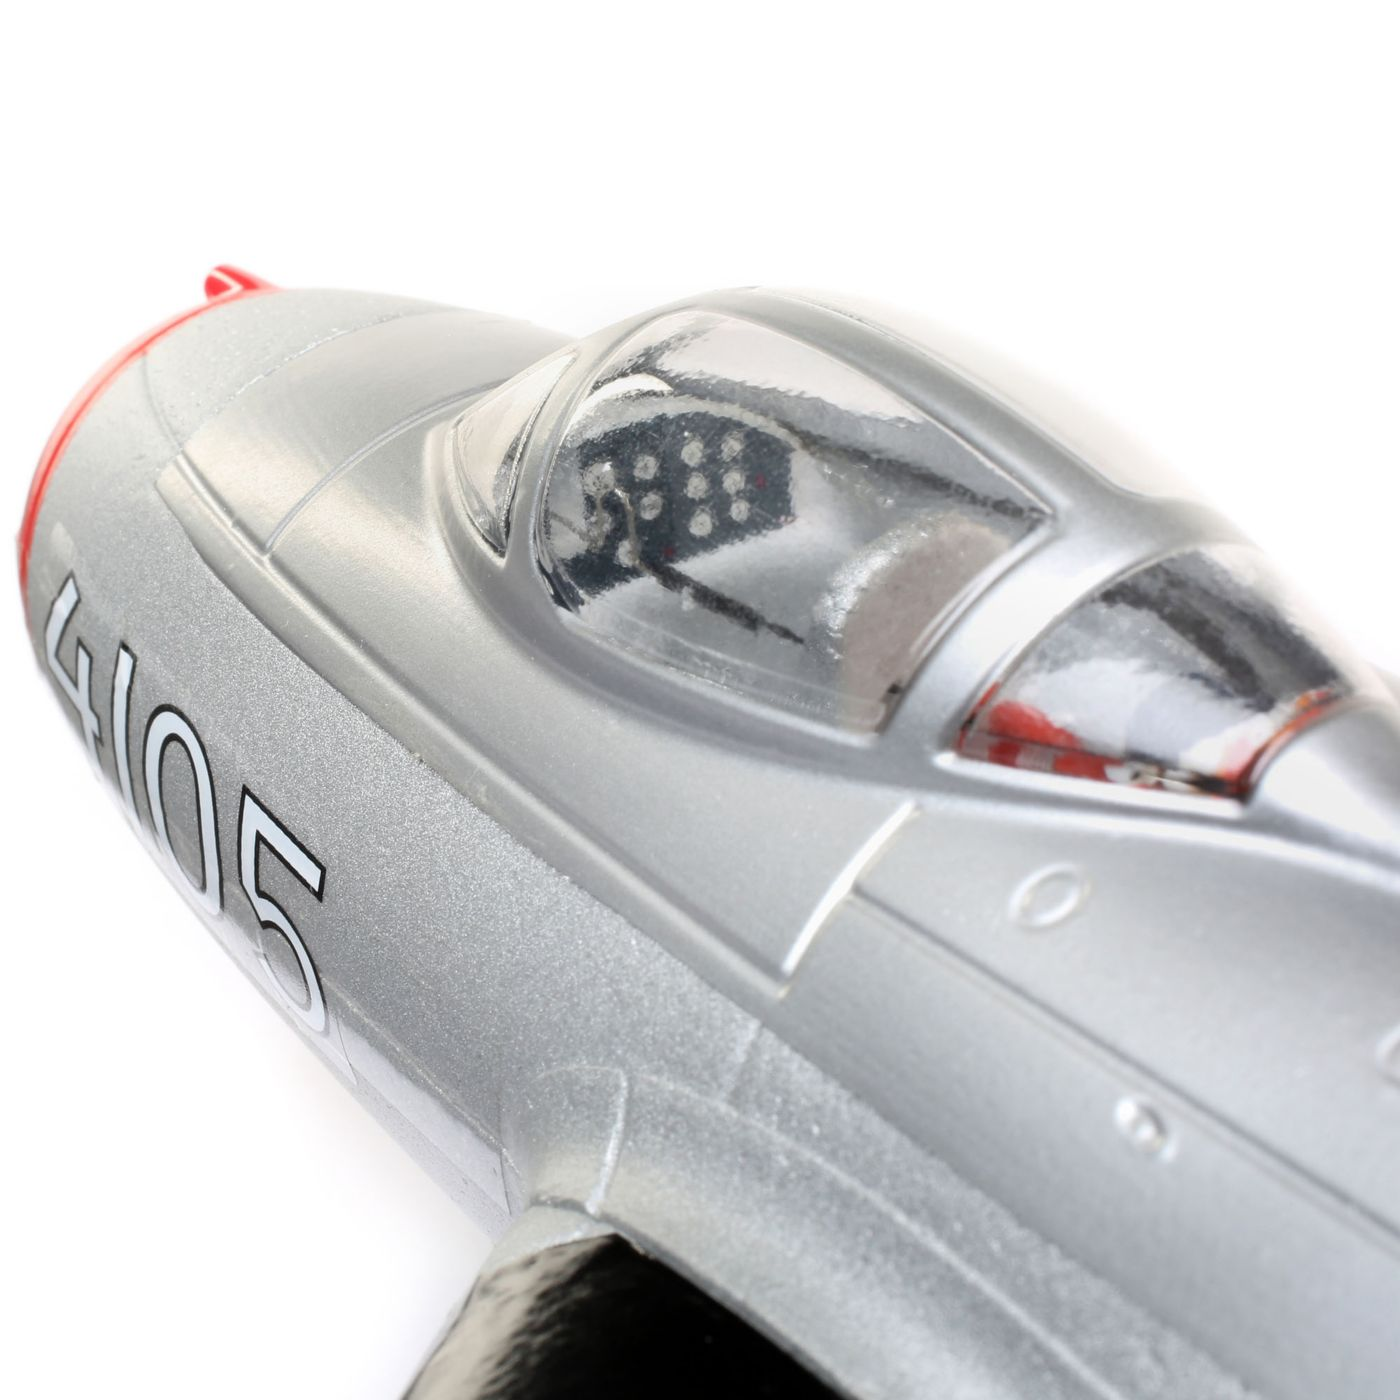 E-flite UMX Mig 15 EDF 28mm BNF Basic 03